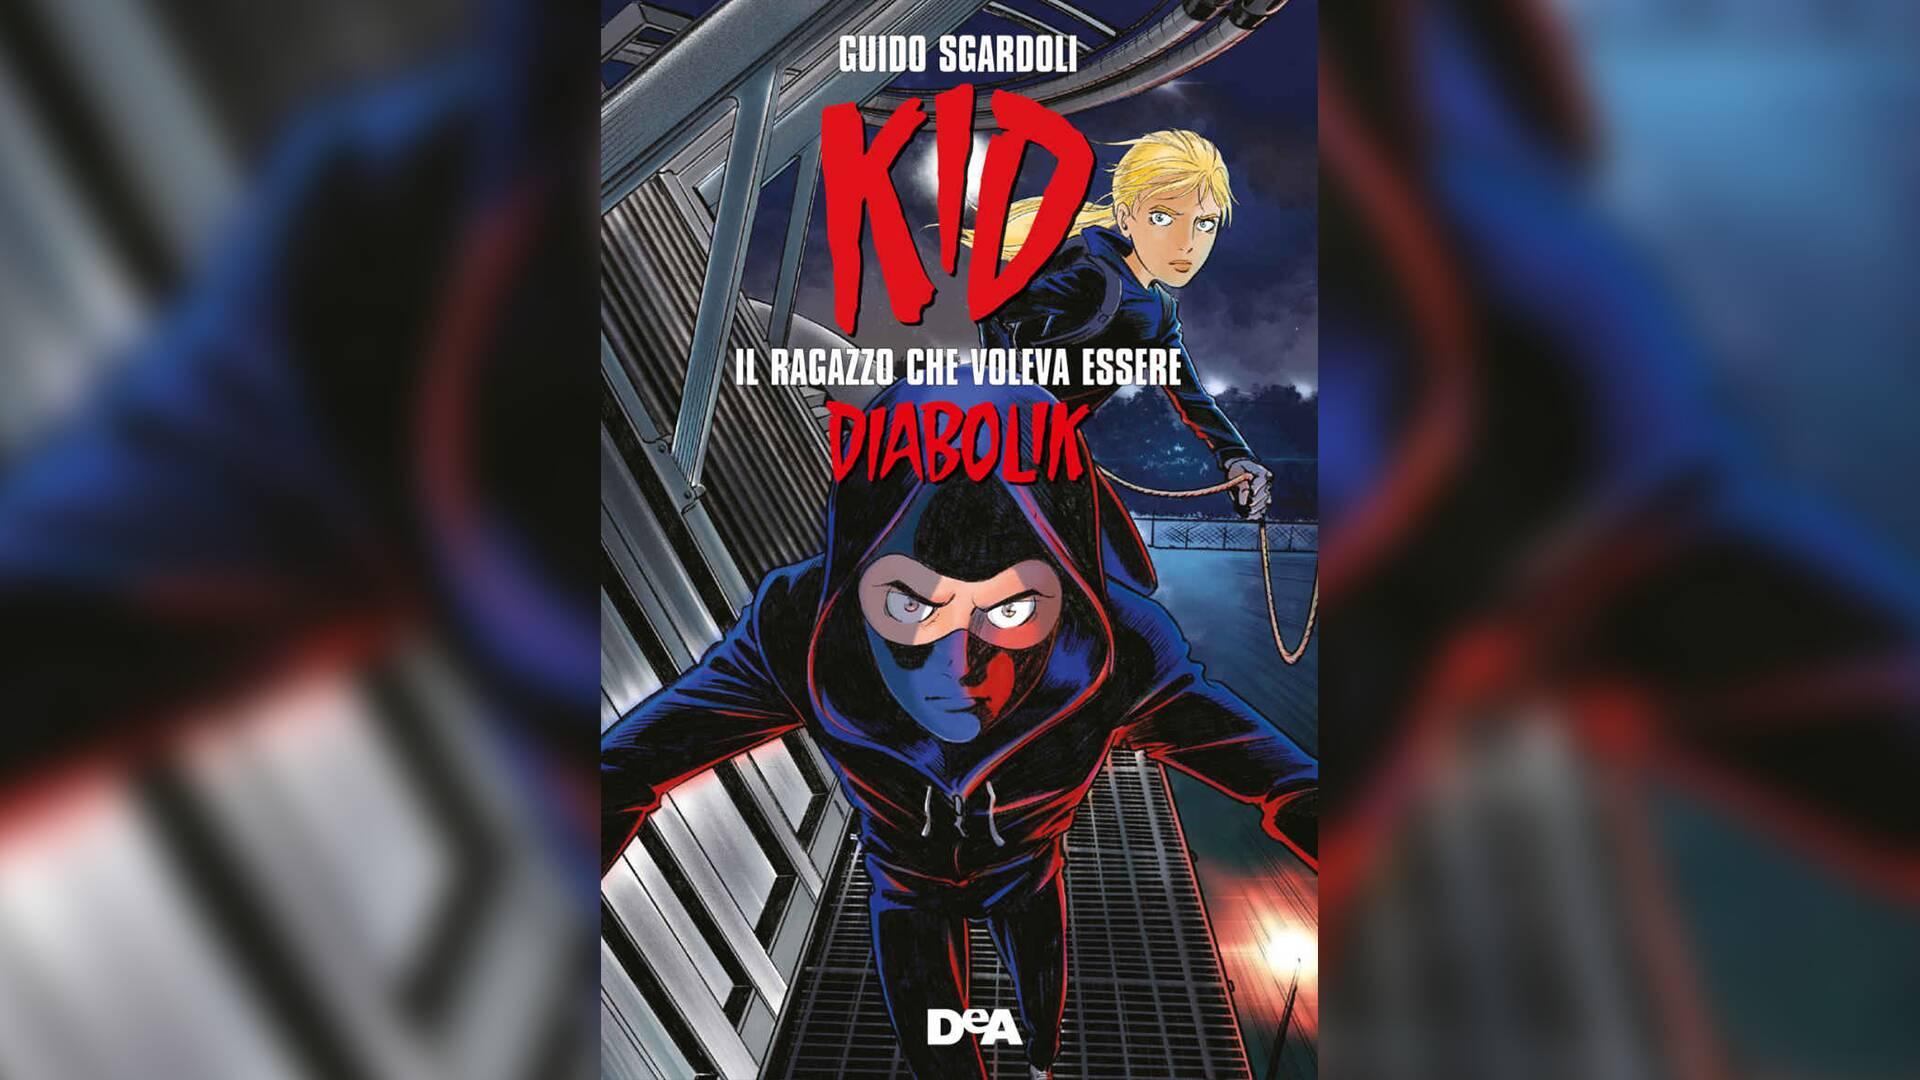 Kid – Il Ragazzo che Voleva Essere Diabolik